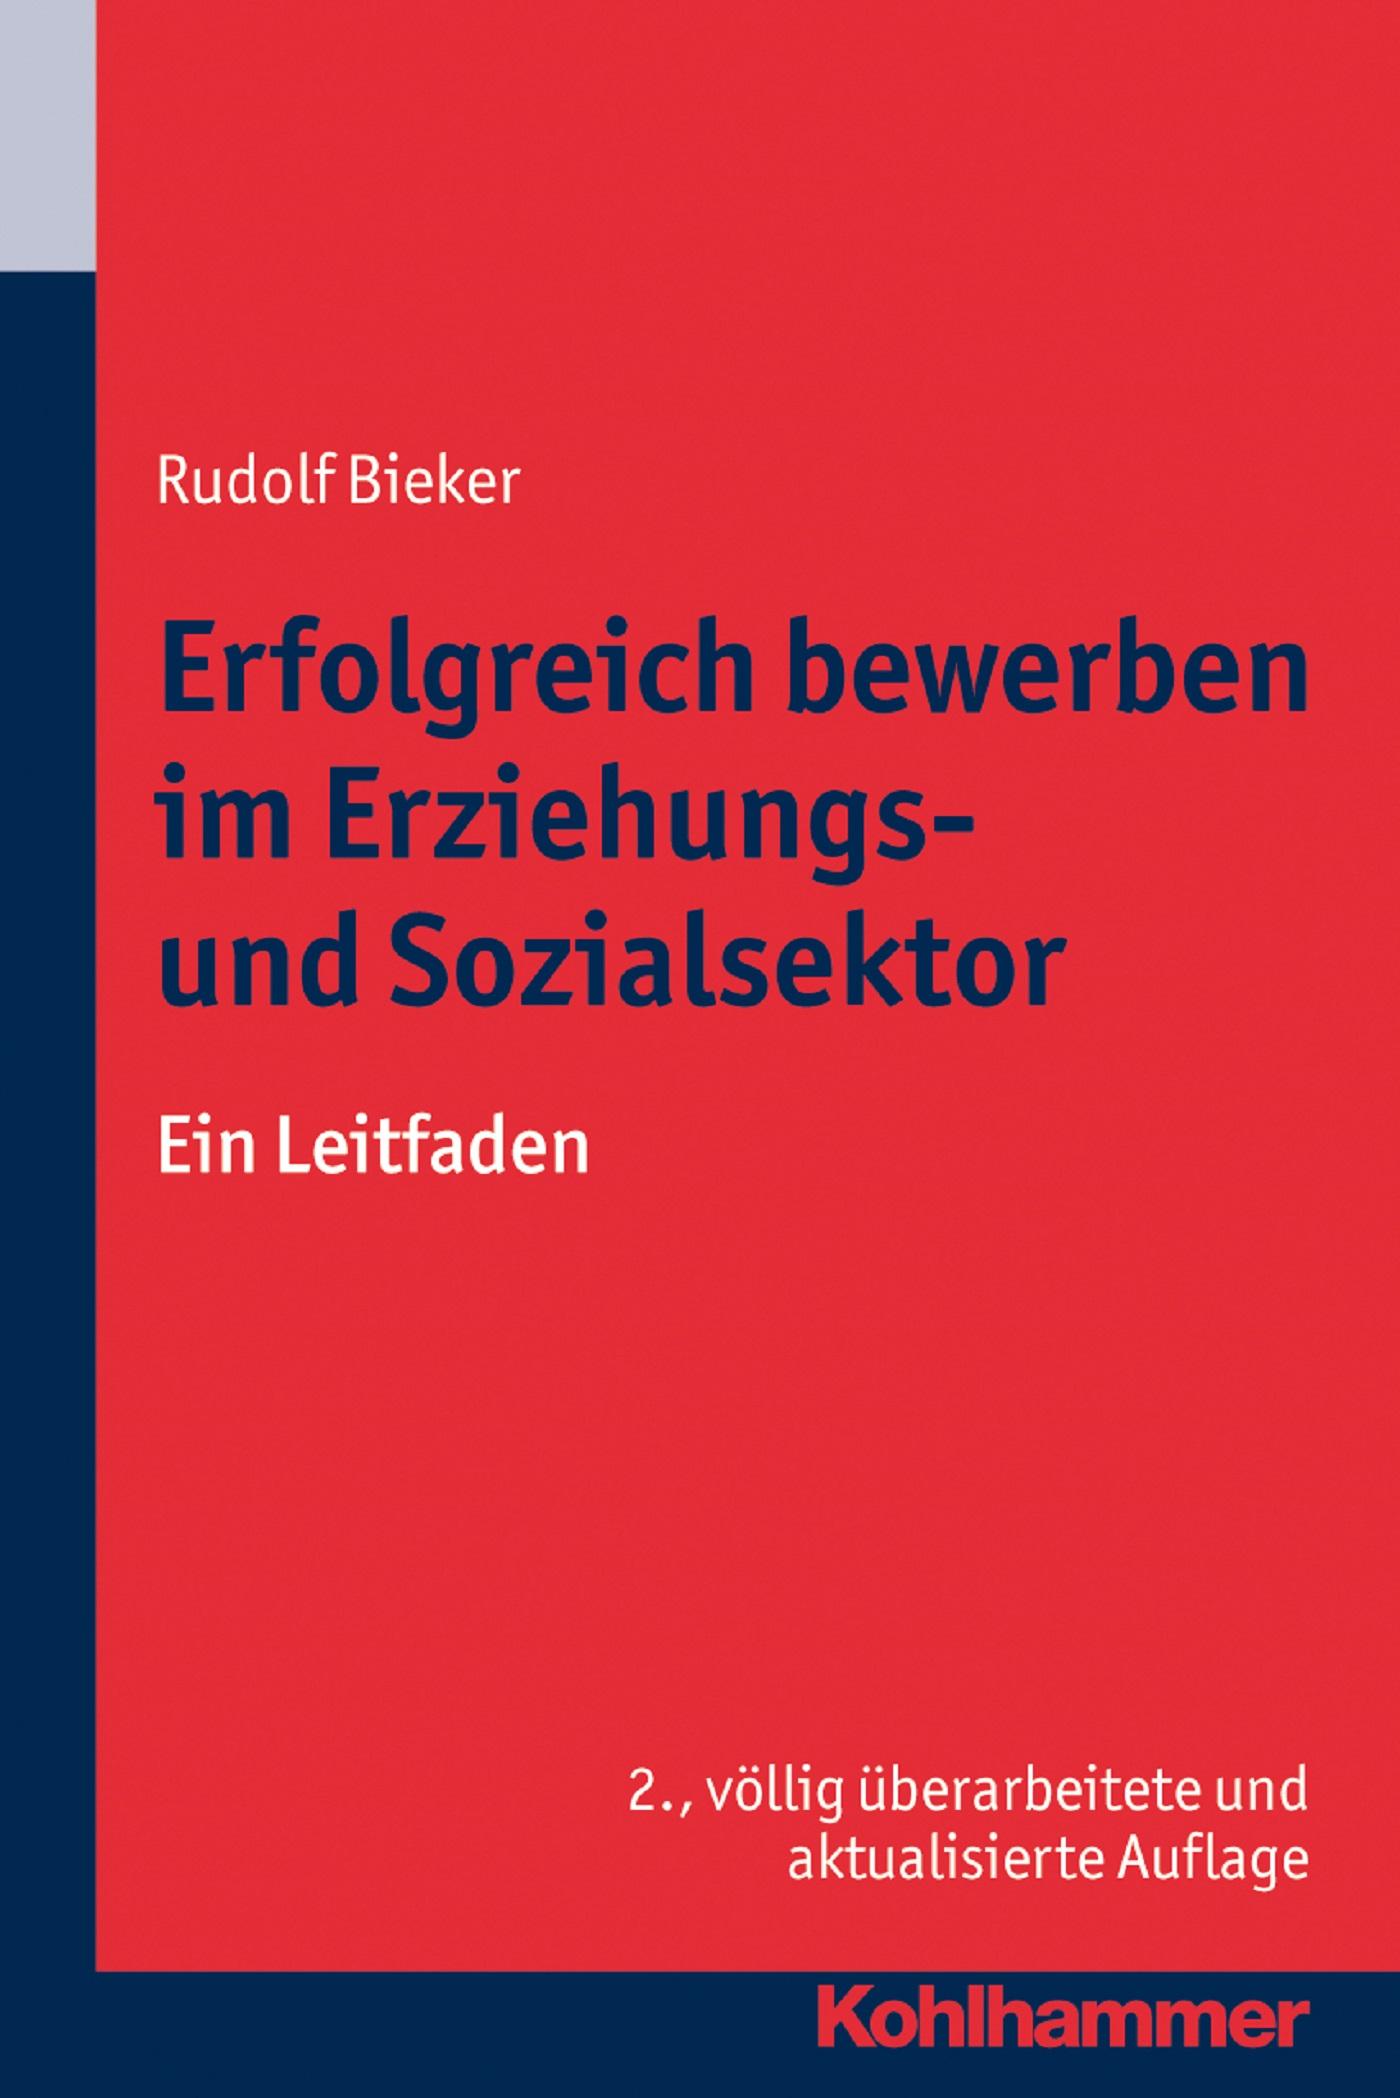 Rudolf Bieker Erfolgreich bewerben im Erziehungs- und Sozialsektor eberhardt hofmann erfolgreich bewerben auf augenhohe ein etwas anderer praxisleitfaden fur bewerber